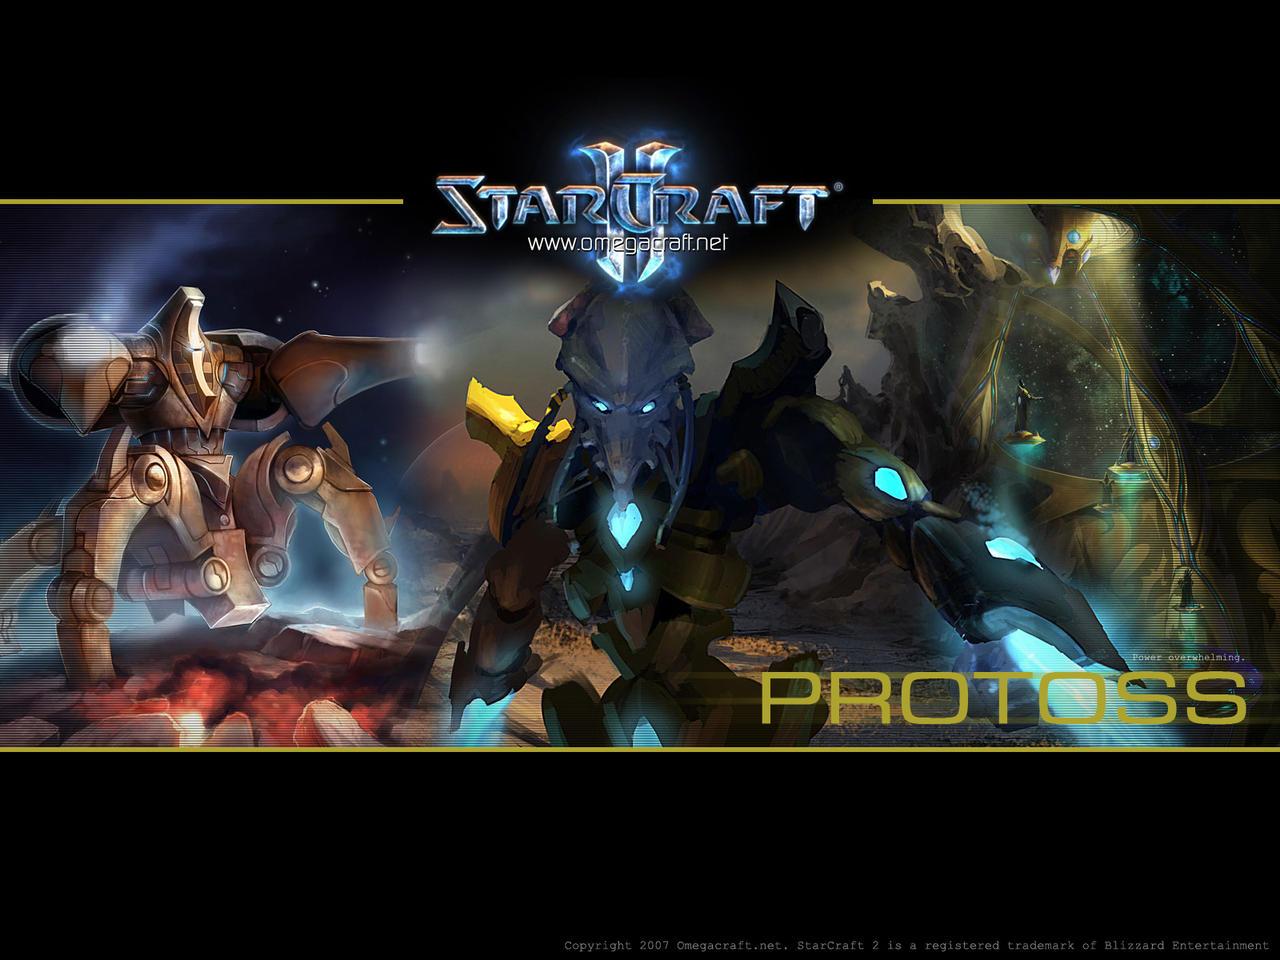 Starcraft 2 protoss wallpaper by maul on deviantart - Starcraft 2 wallpaper art ...